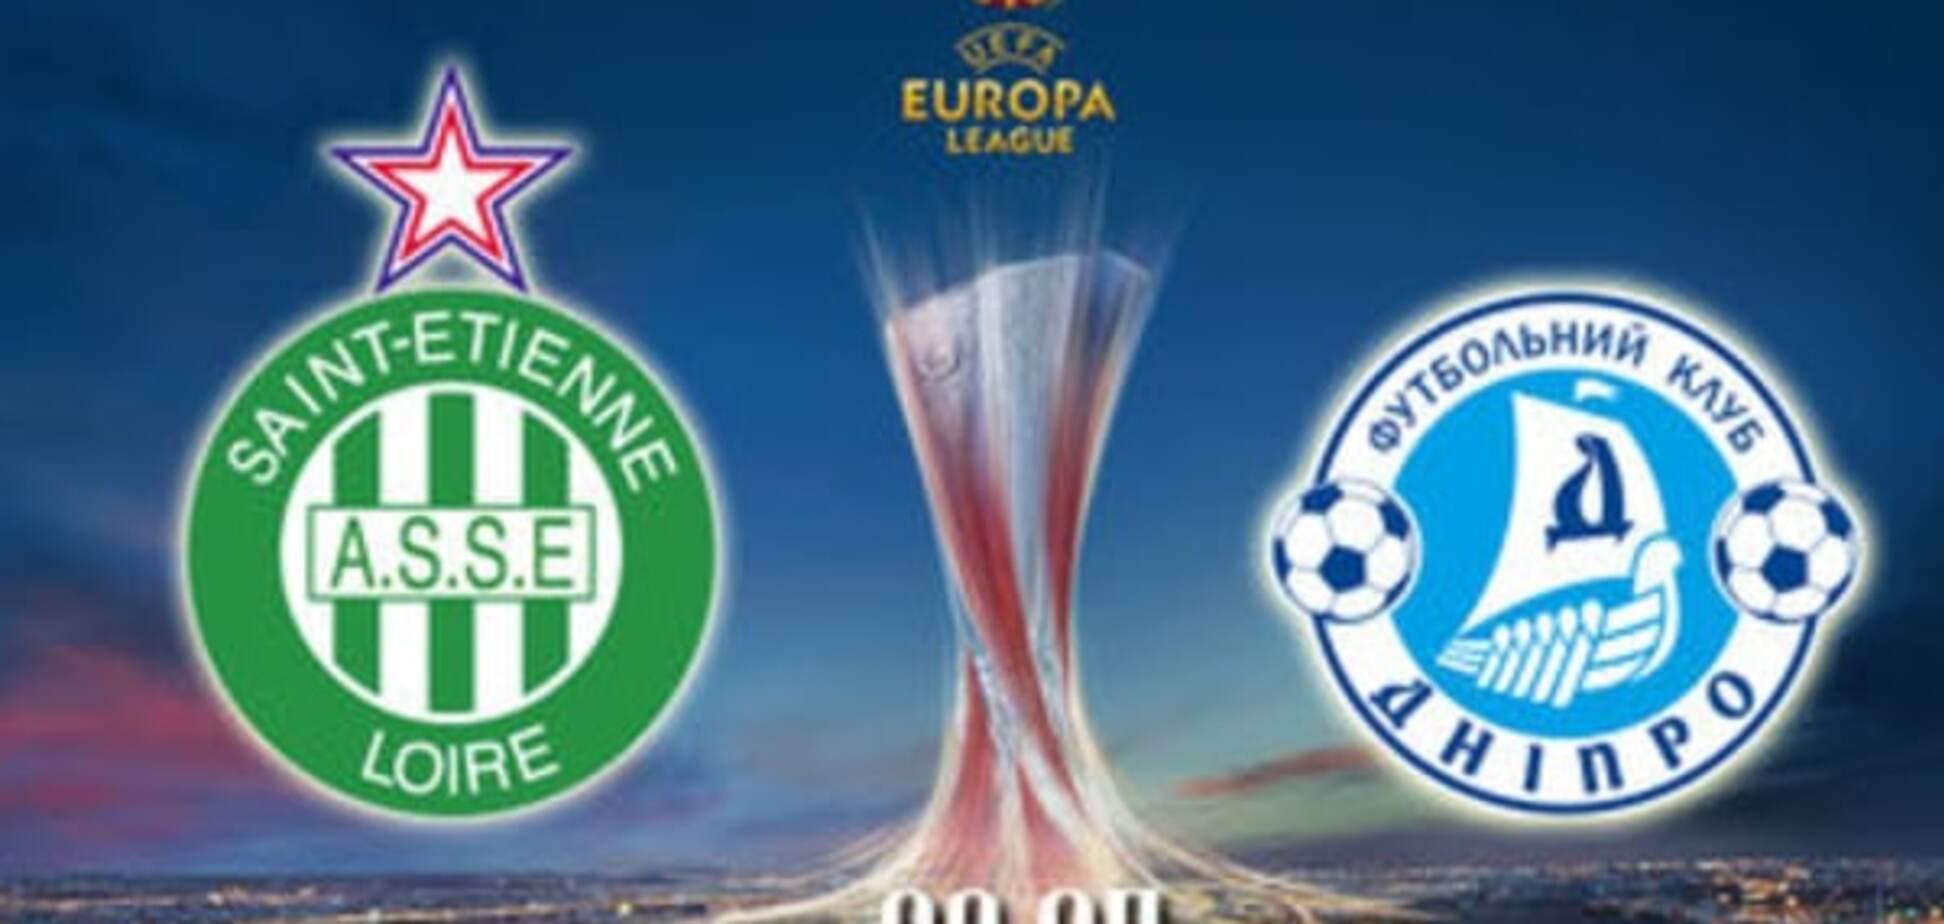 Сент-Этьен - Днепр: анонс, прогноз, где смотреть матч Лиги Европы